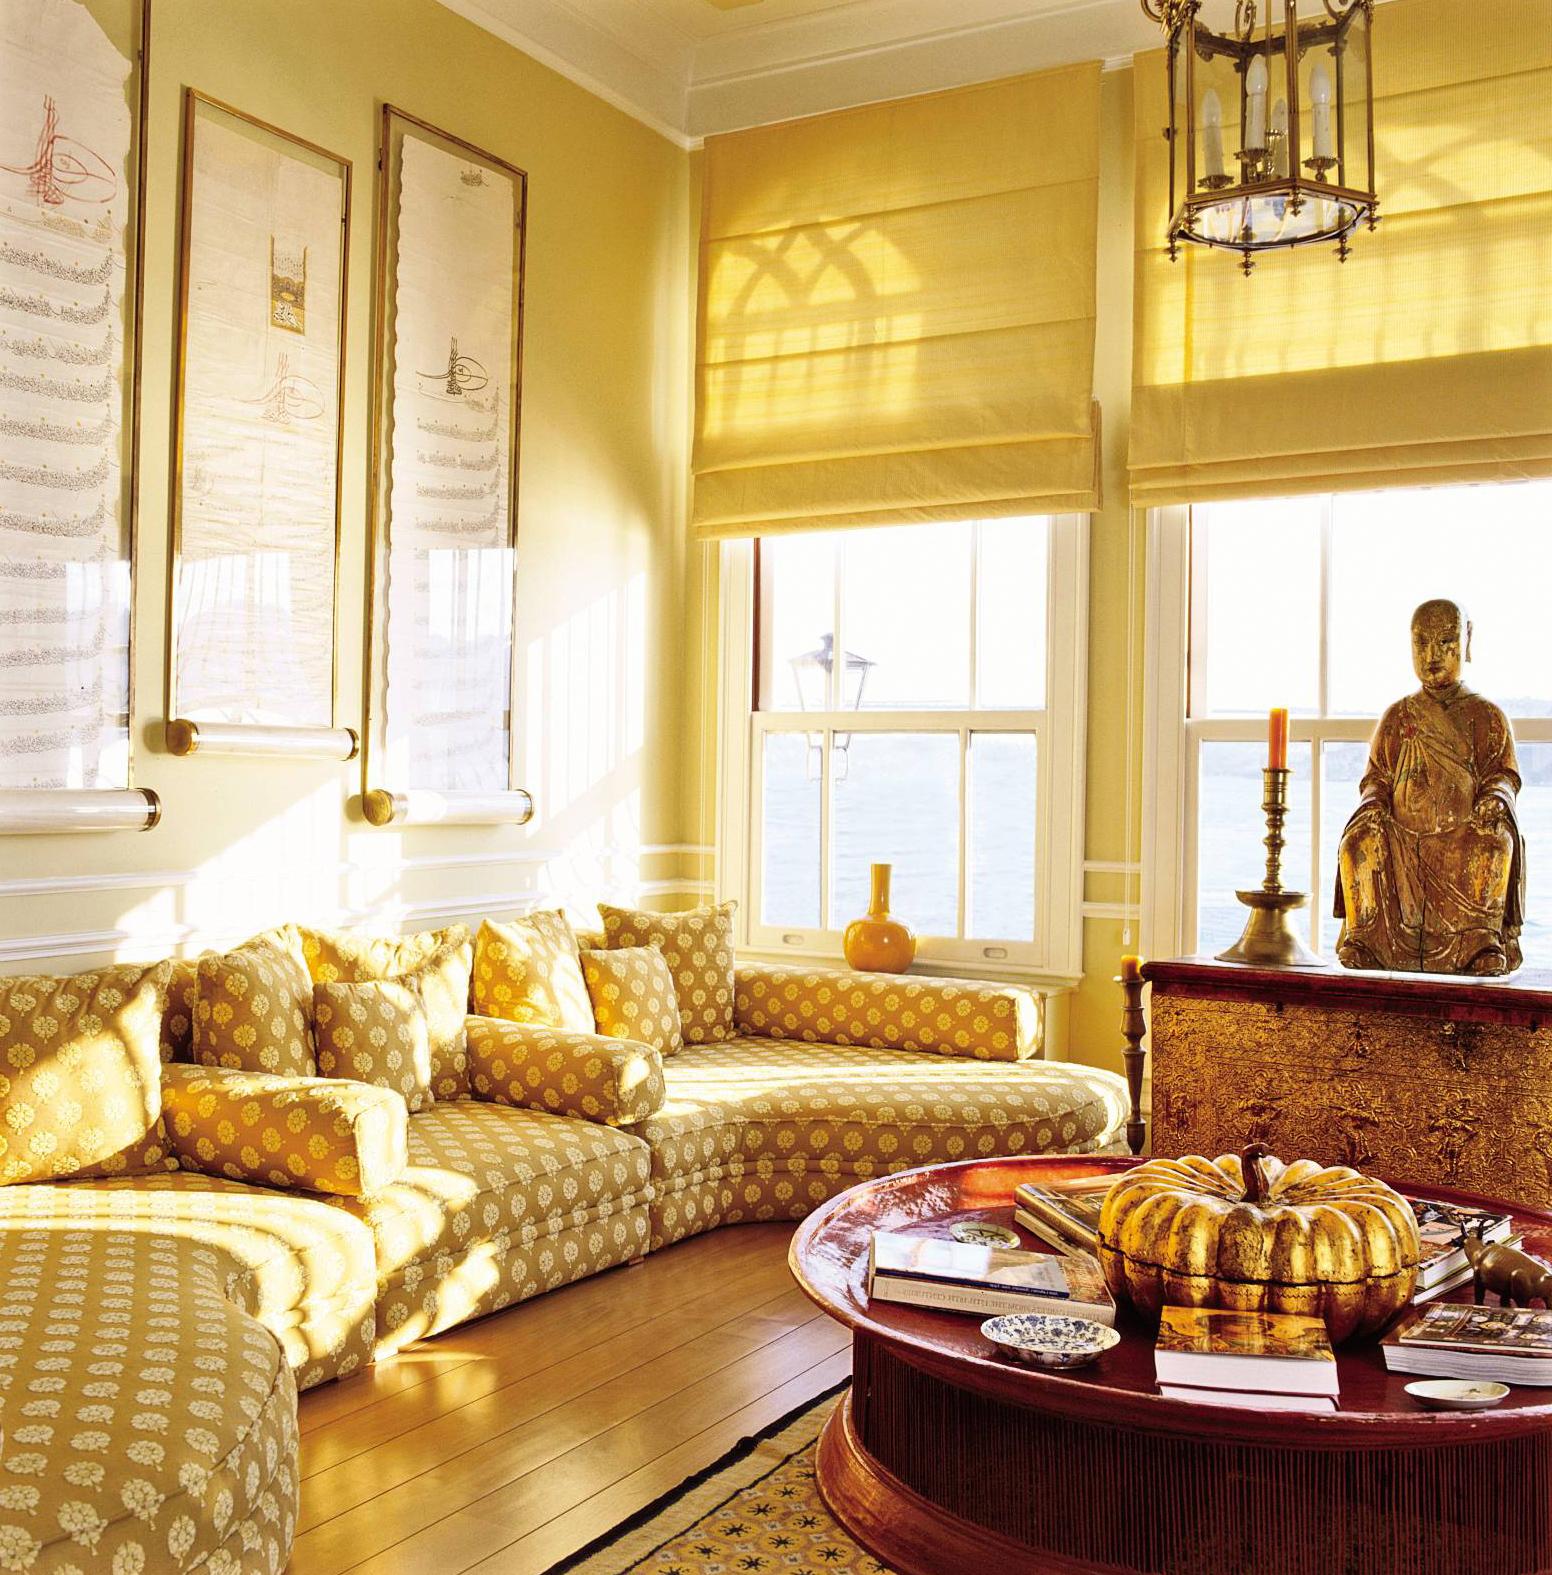 Гостинная в индийском стиле,благодаря цветовому решению, позитивна и жизнерадостна.